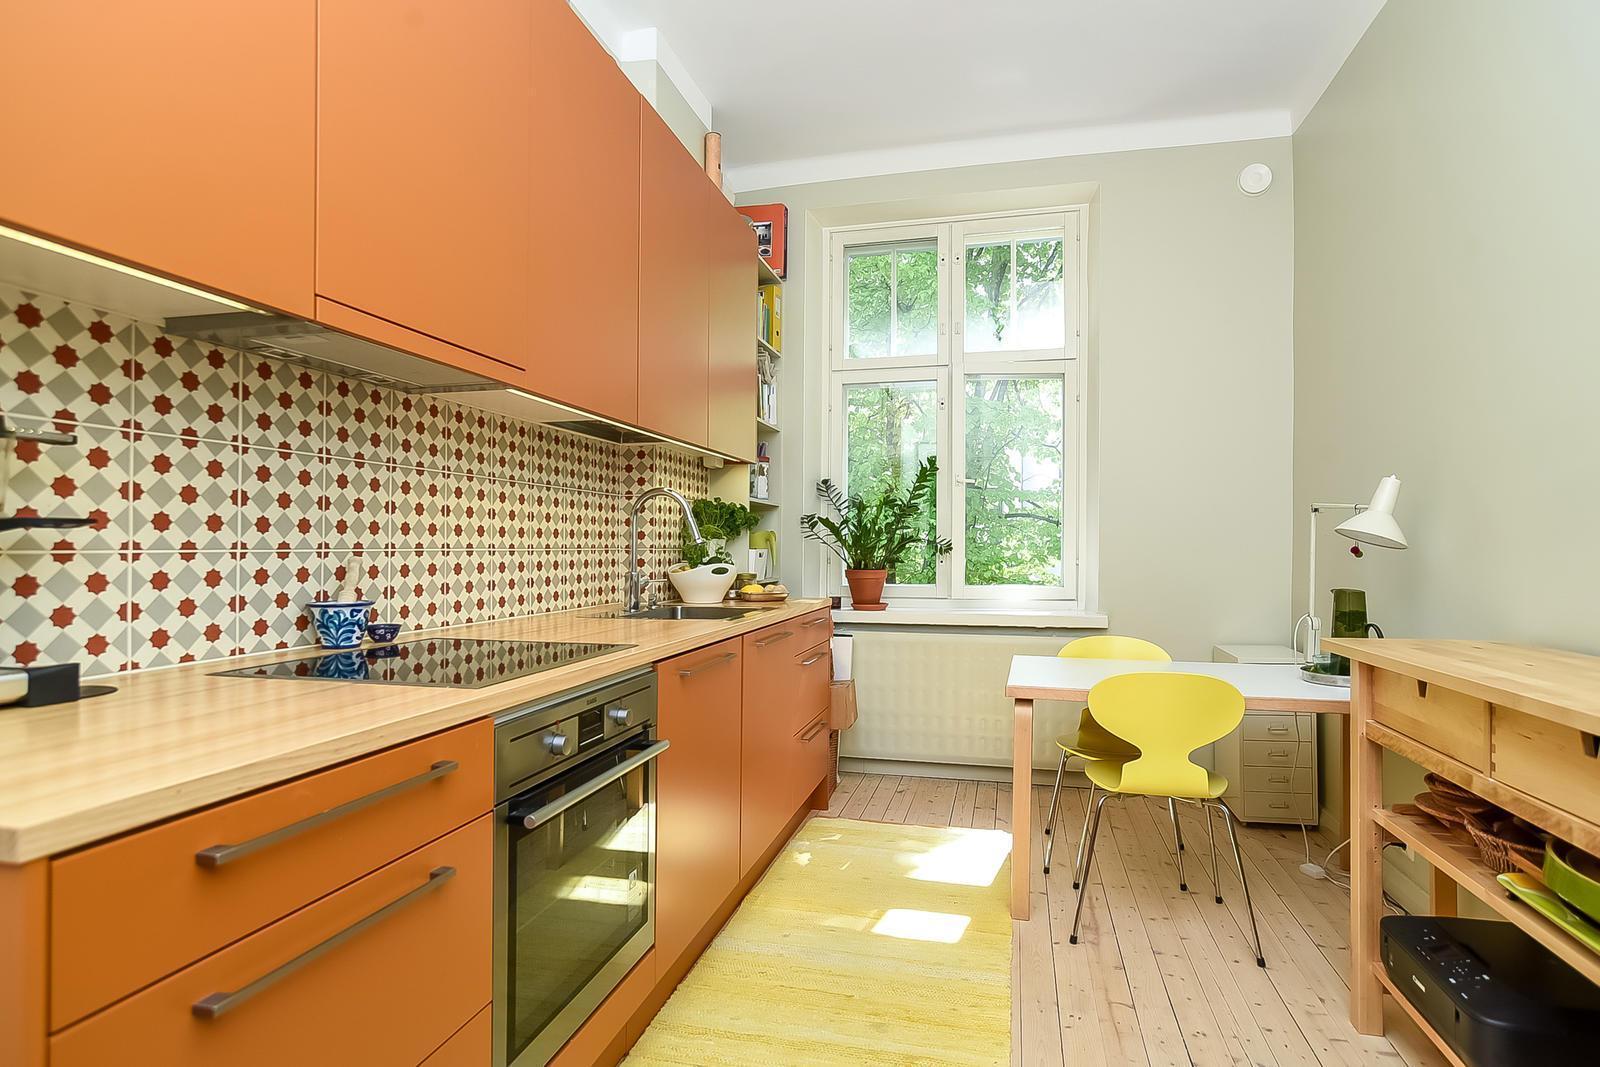 Pieni keittiö on tilaihme  Viikon valinnat  Etuovi com Ideat & vinkit